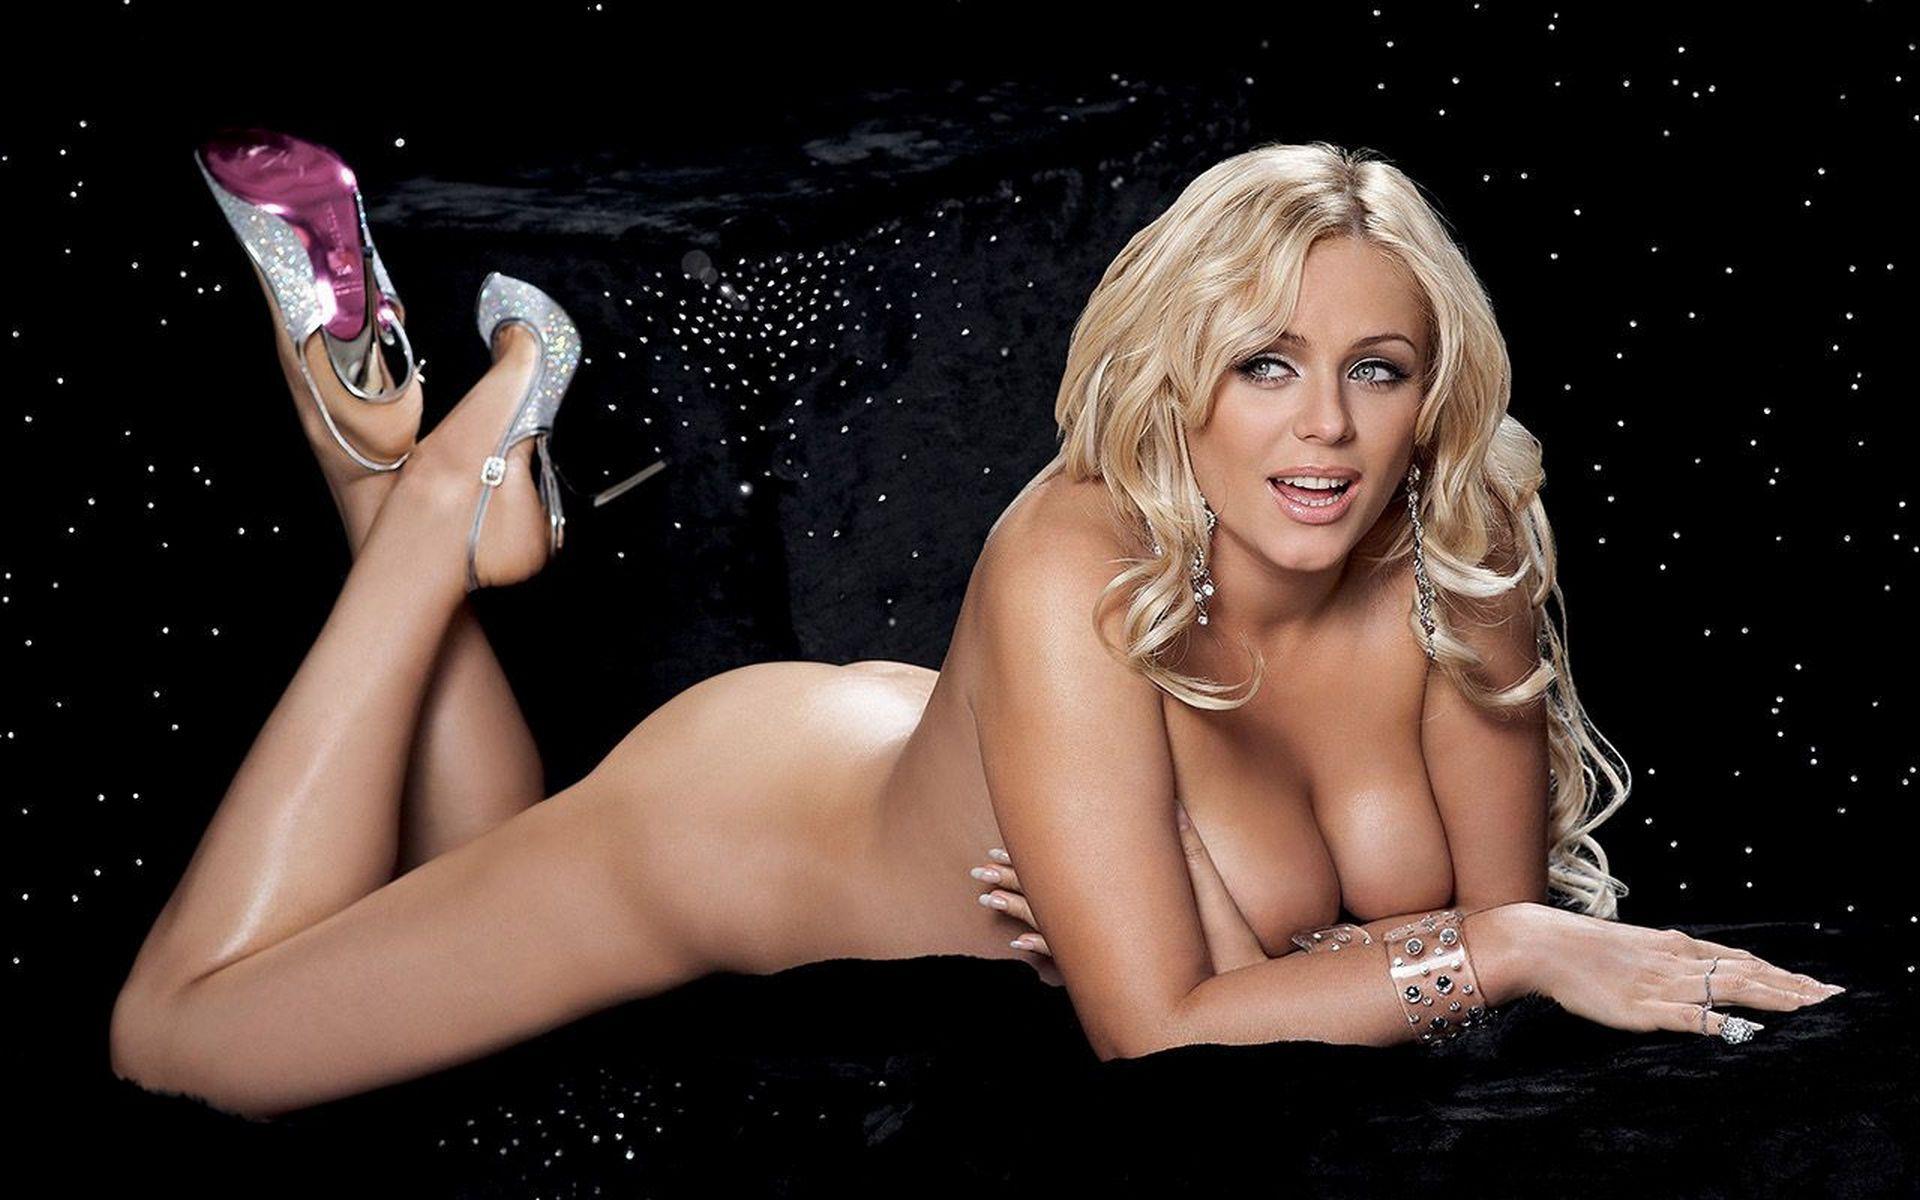 Супер порно со звездами шоу биза 26 фотография